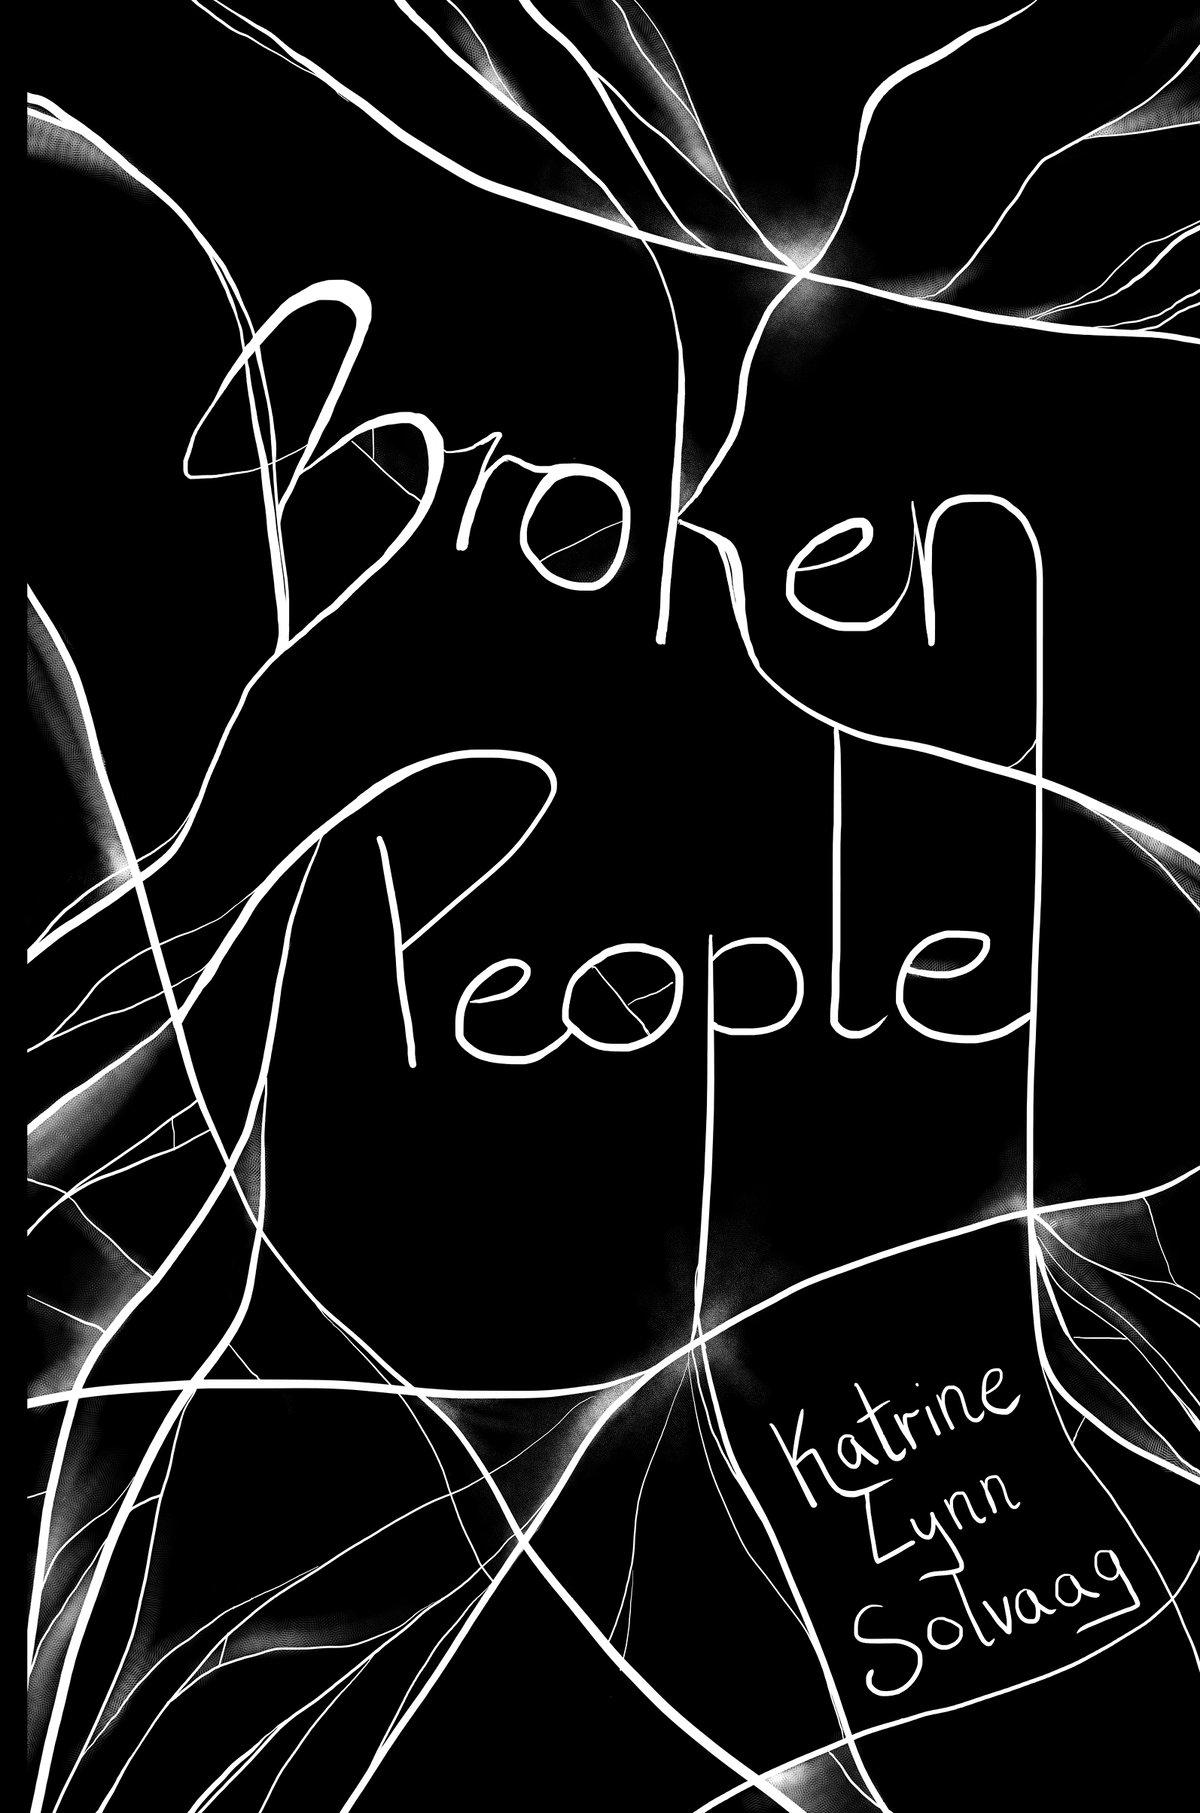 Image of Broken People by Katrine Solvaag